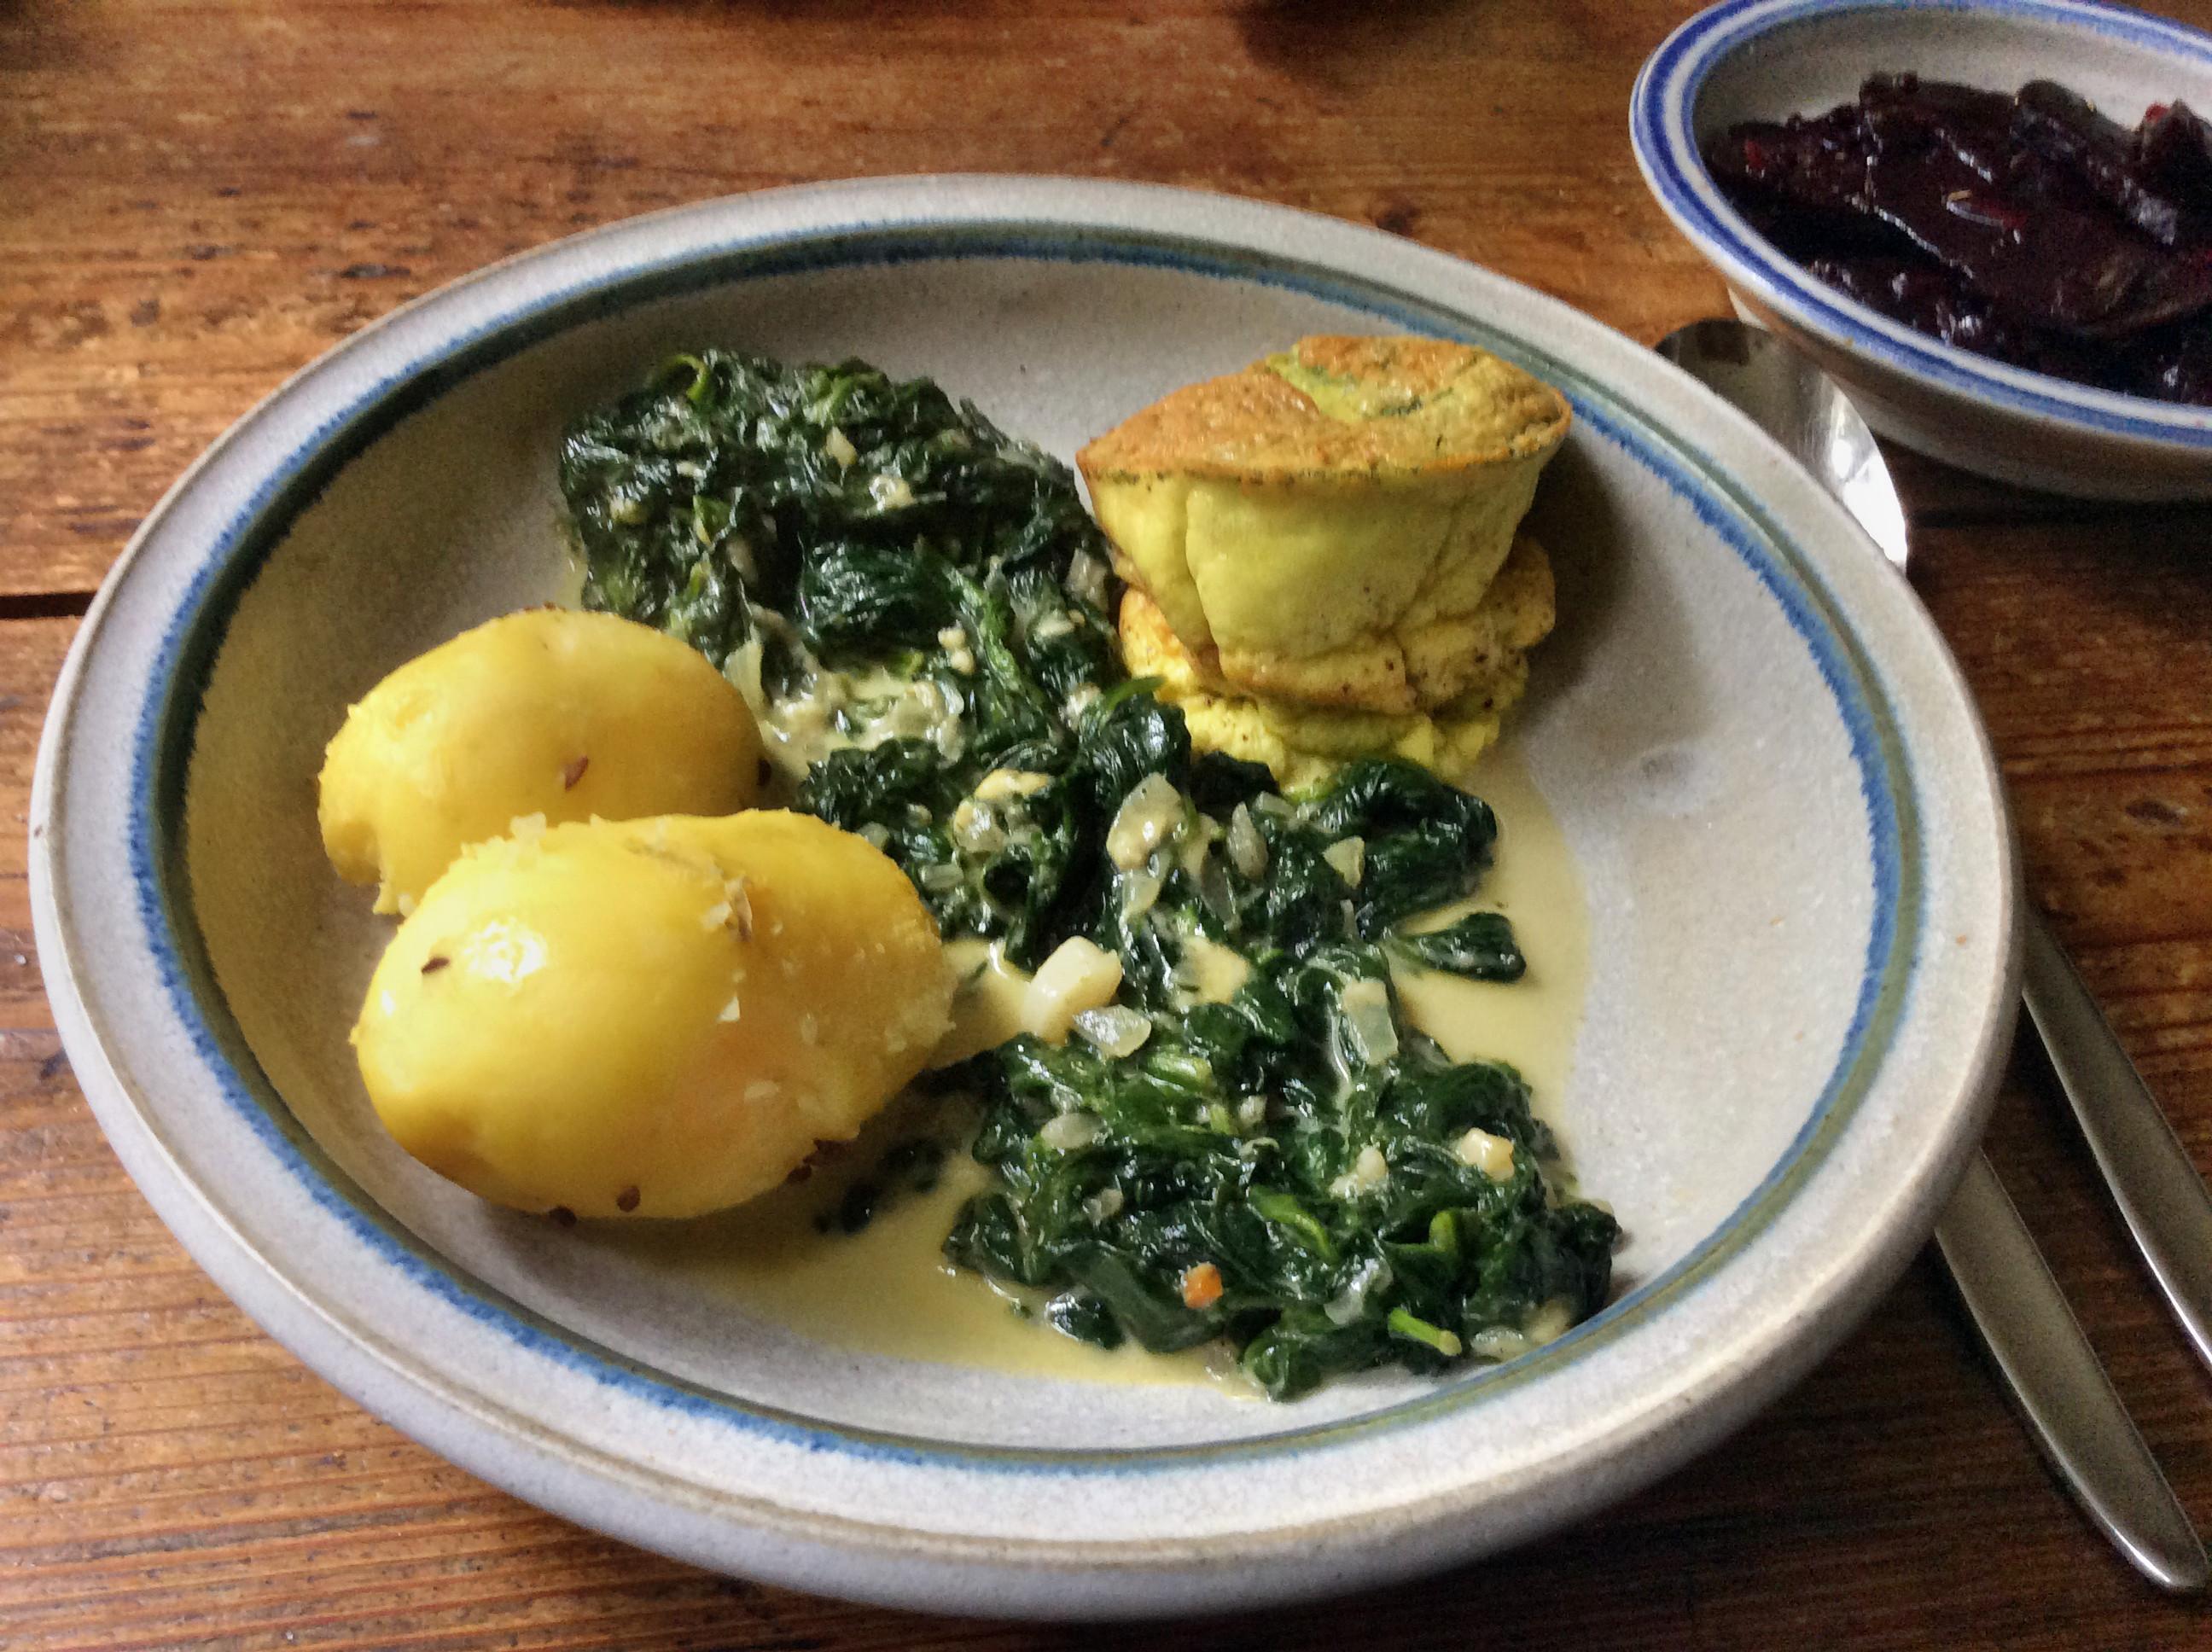 Spinat,Ei,Kartoffeln  - 22-9-15   (1)